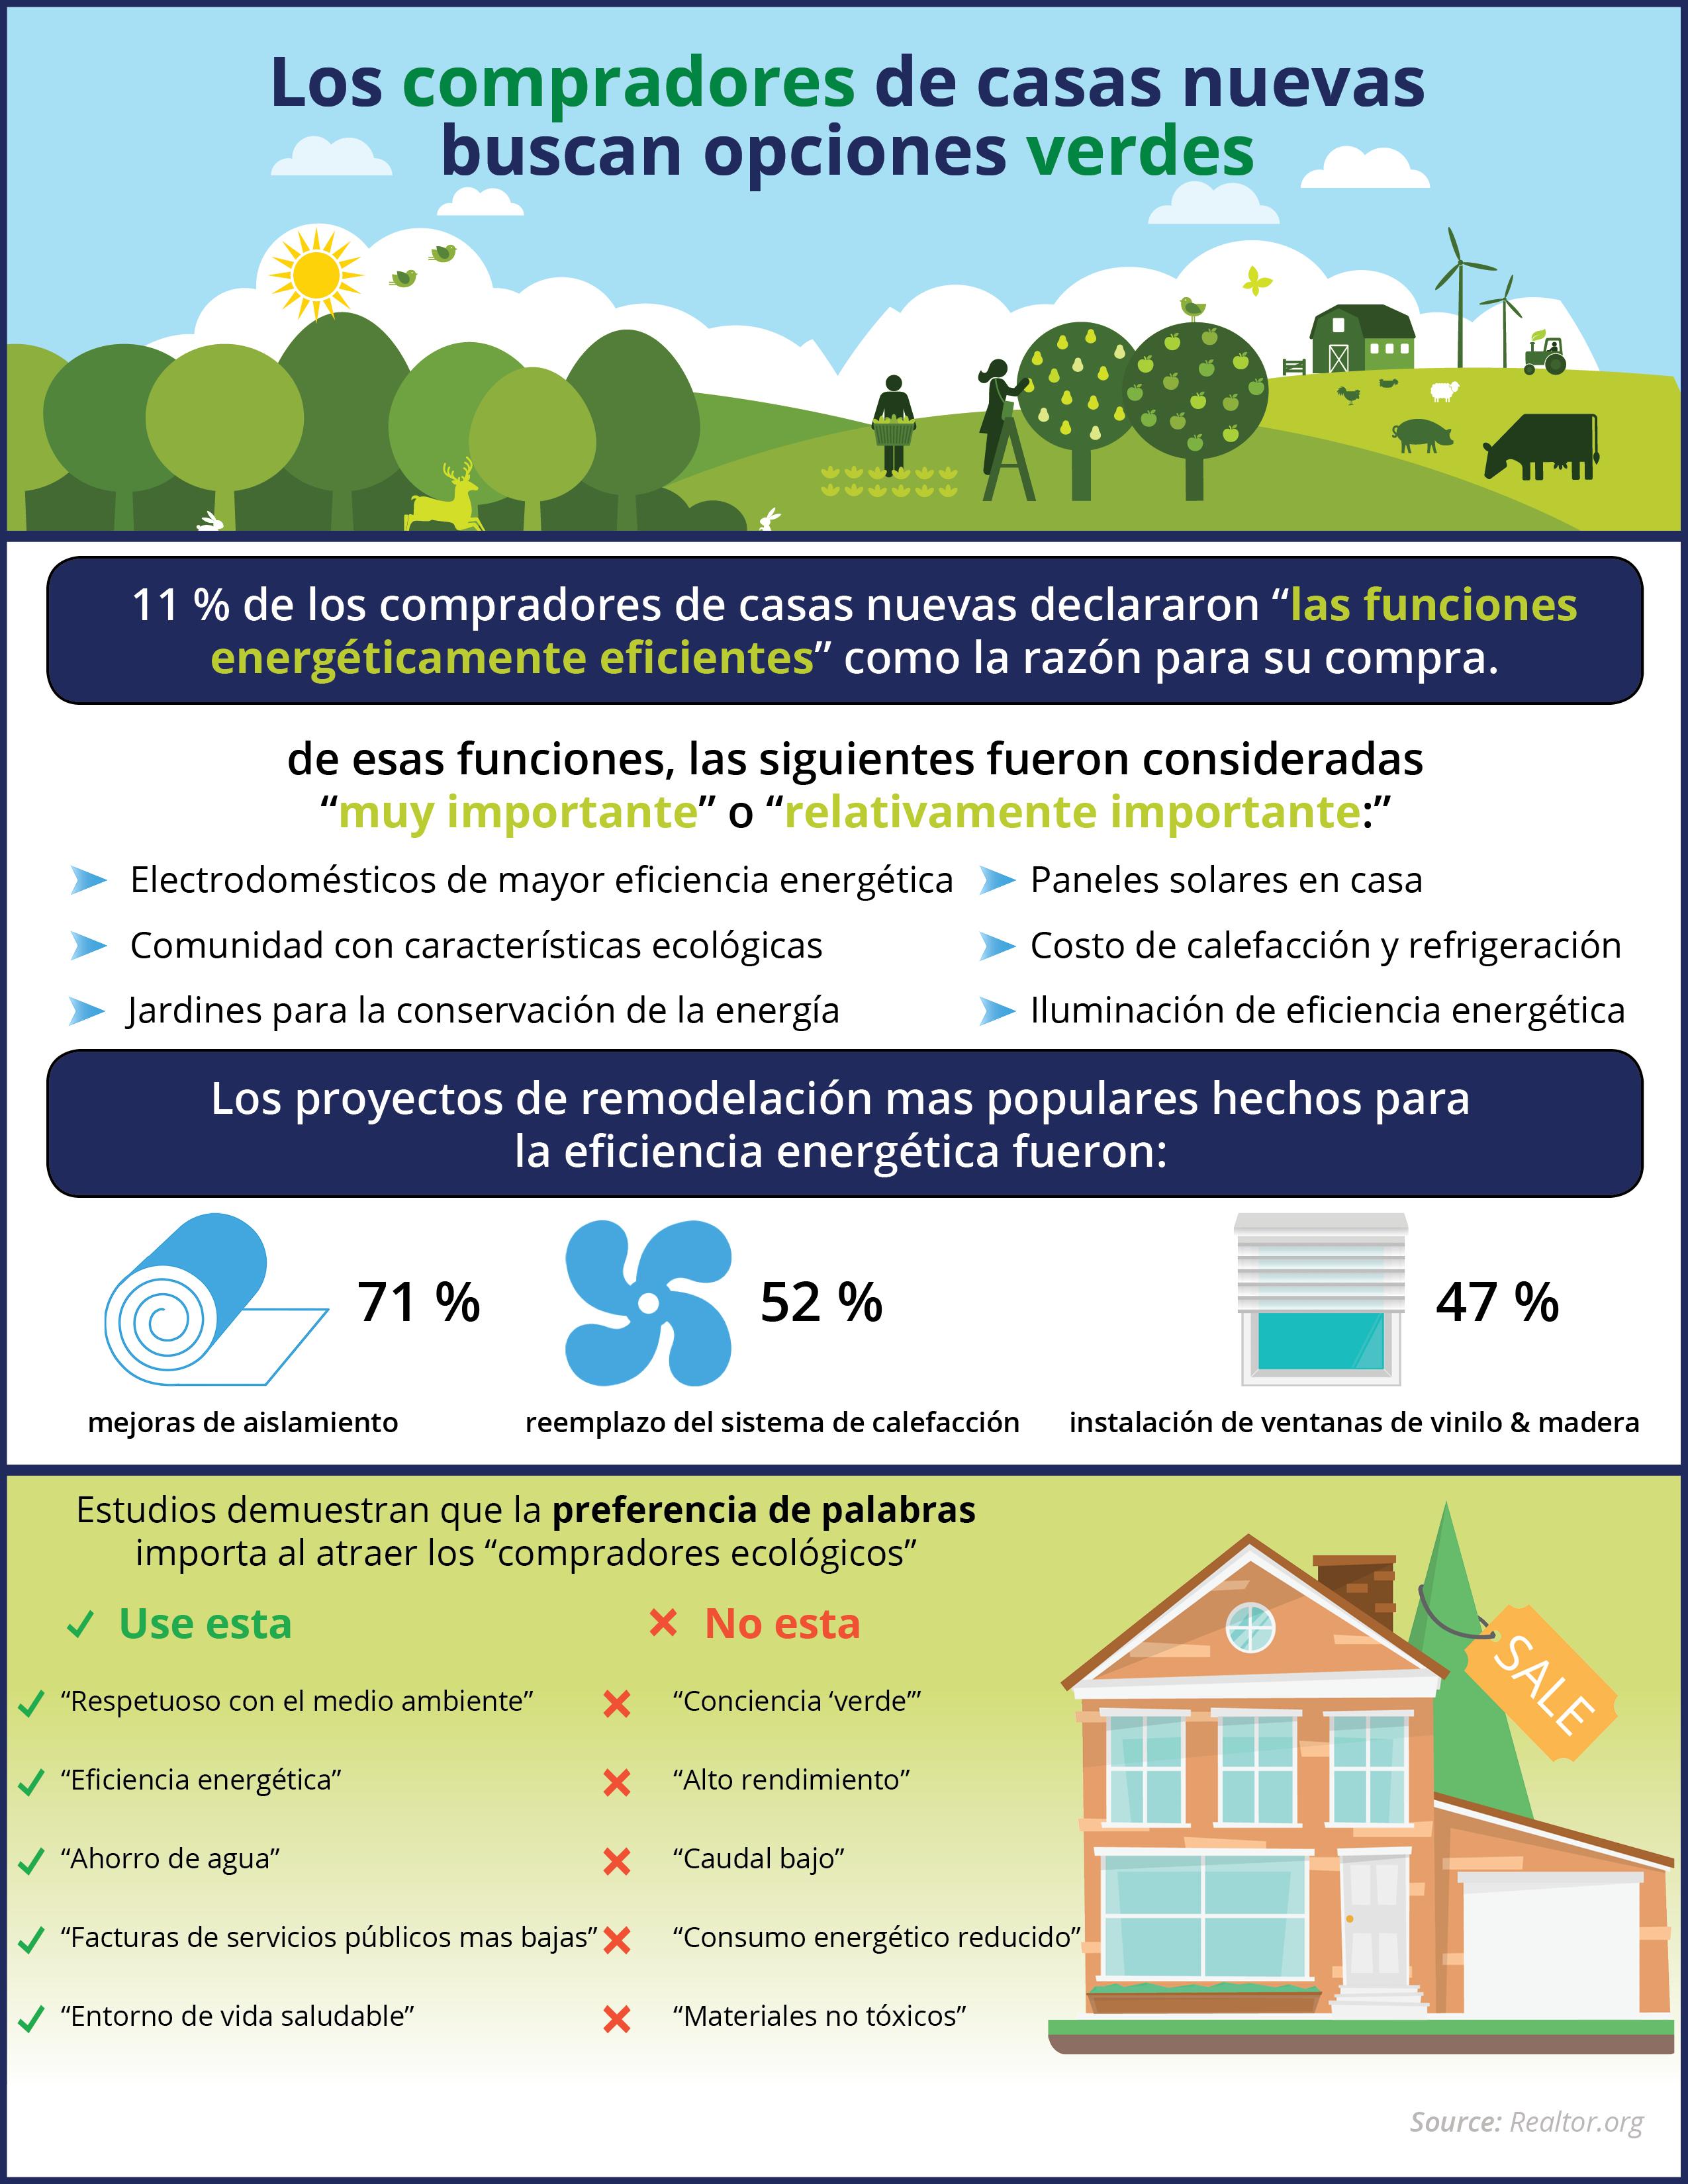 Los compradores de casas nuevas buscan opciones verdes| Simplifying The Market